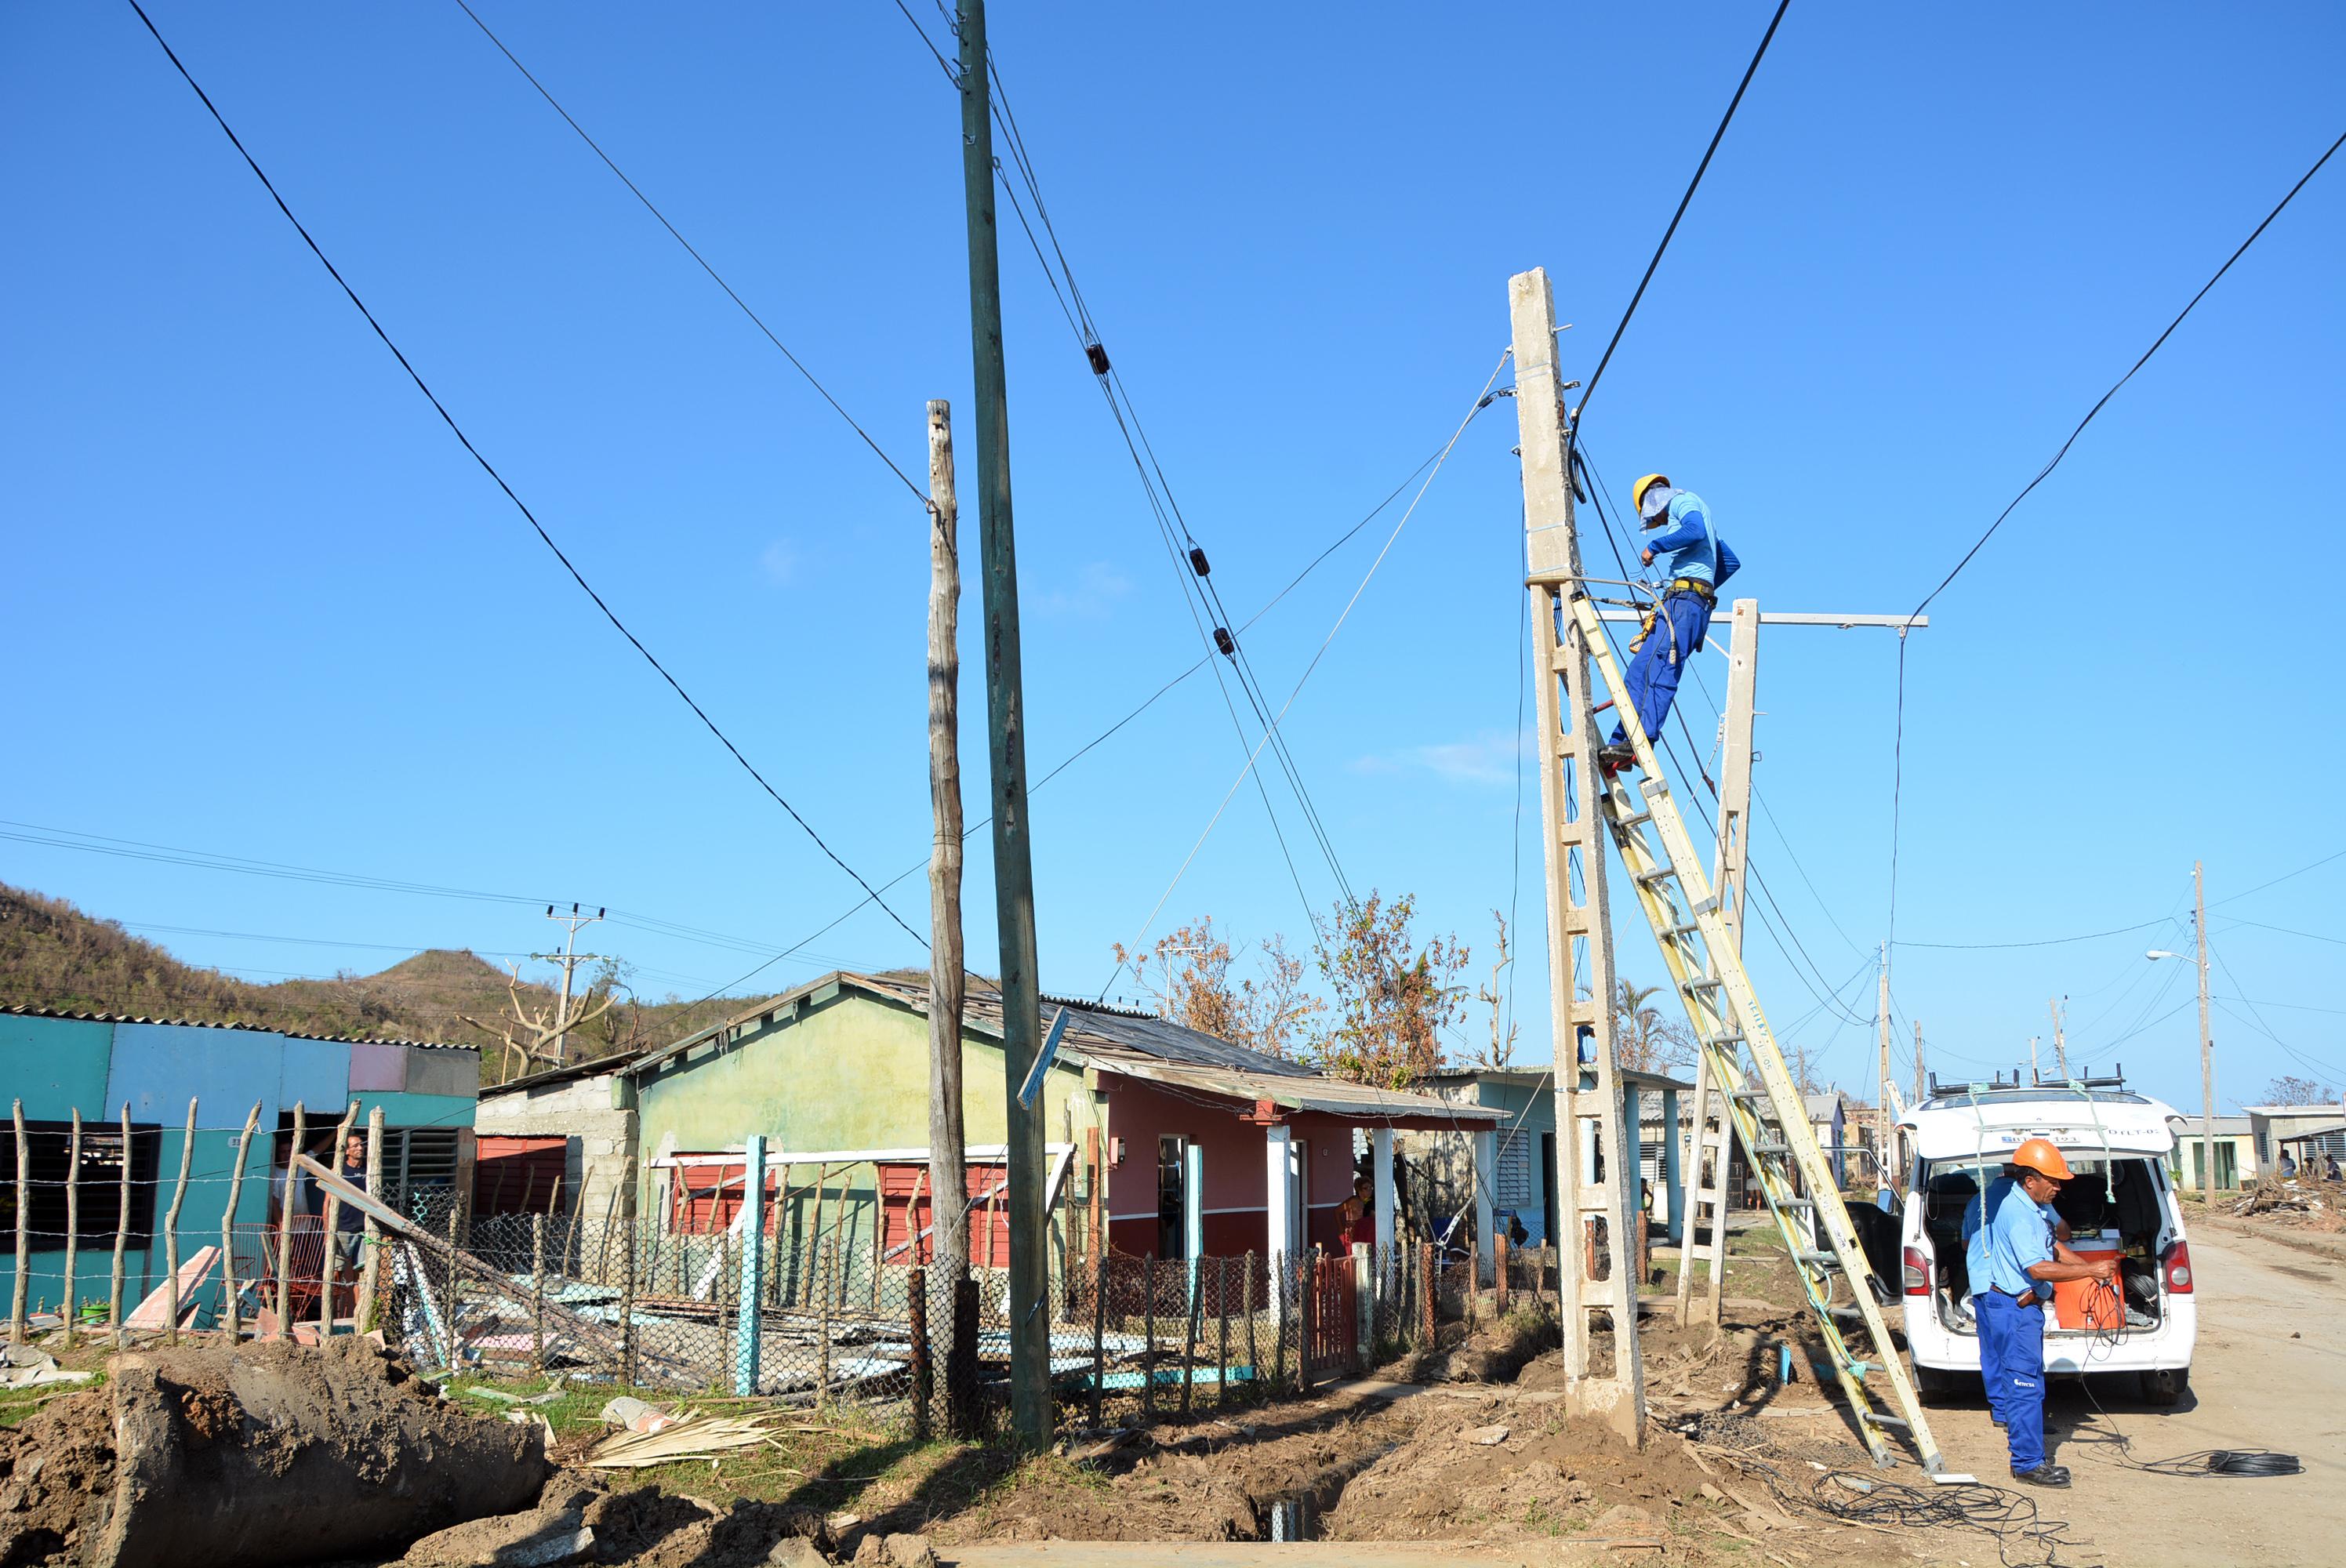 Comunicaciones en Cuba restablecidas en más de un 90 por ciento